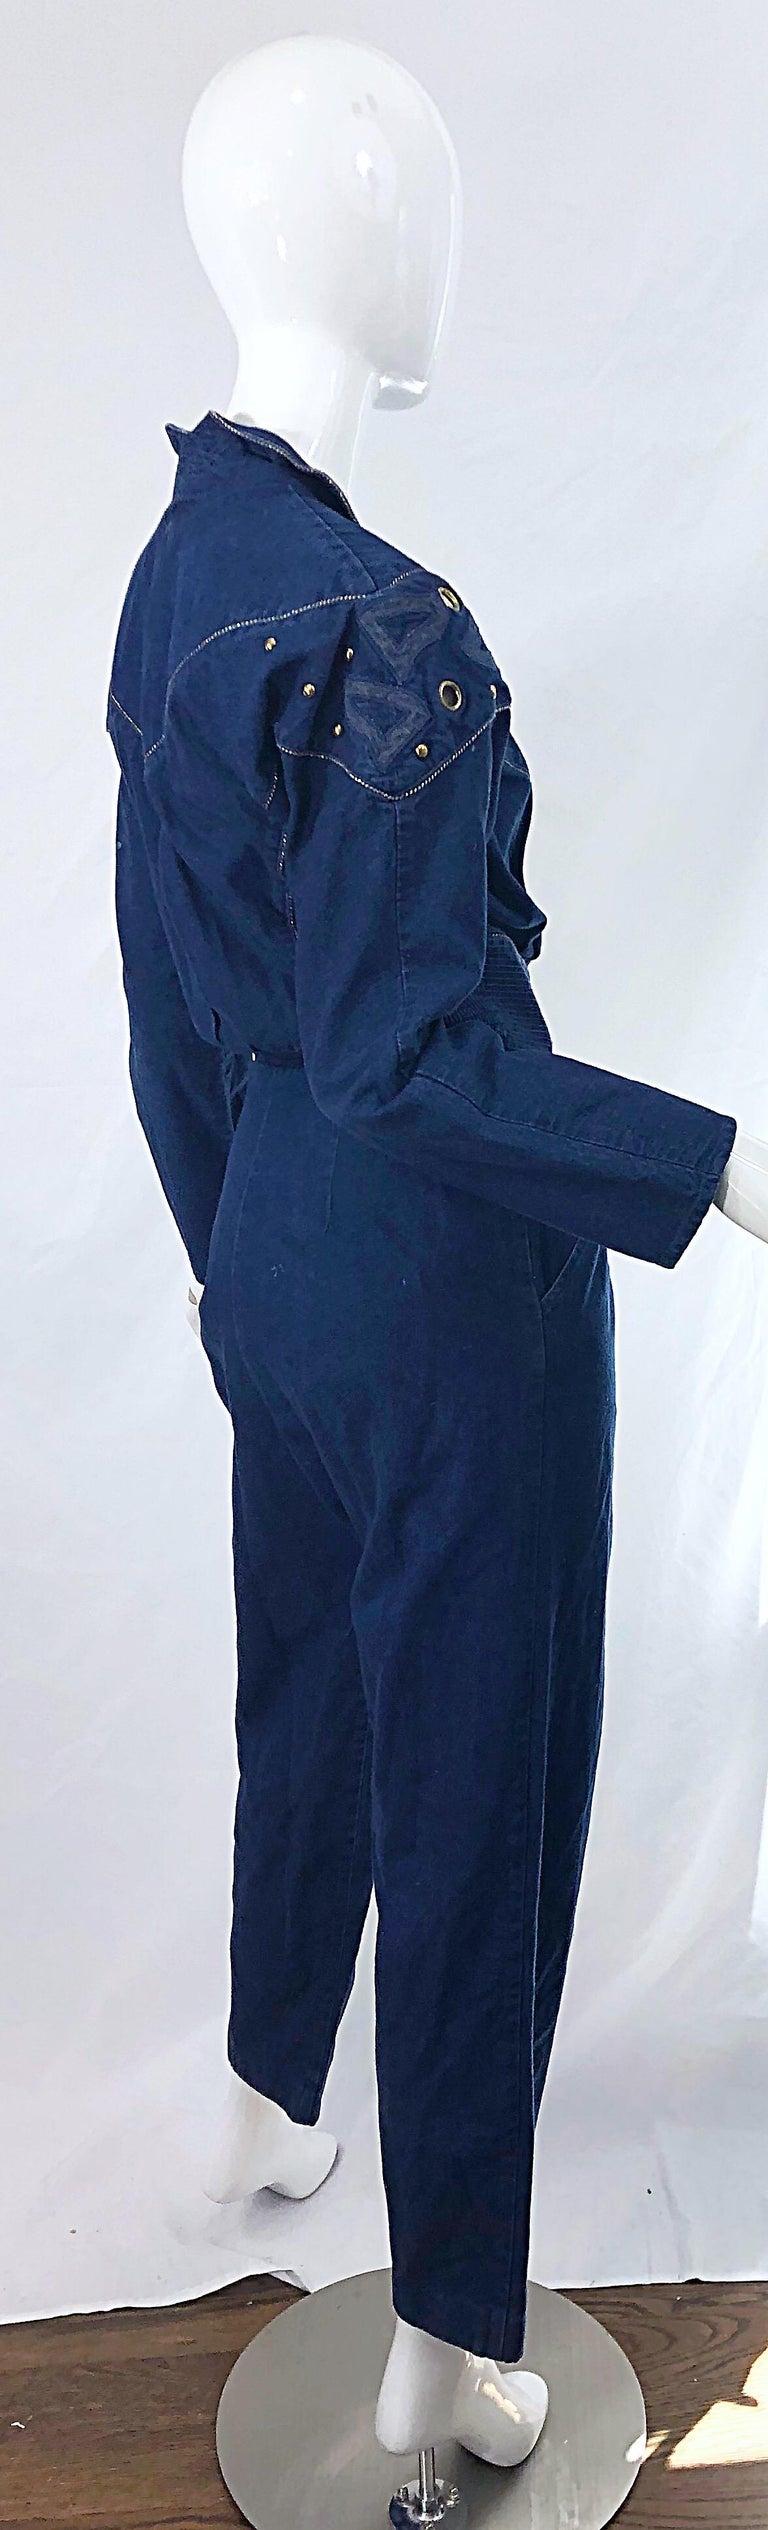 1980s Jillian Arthur Blue Jean Avant Garde Grommett Beaded Vintage 80s Jumpsuit For Sale 3